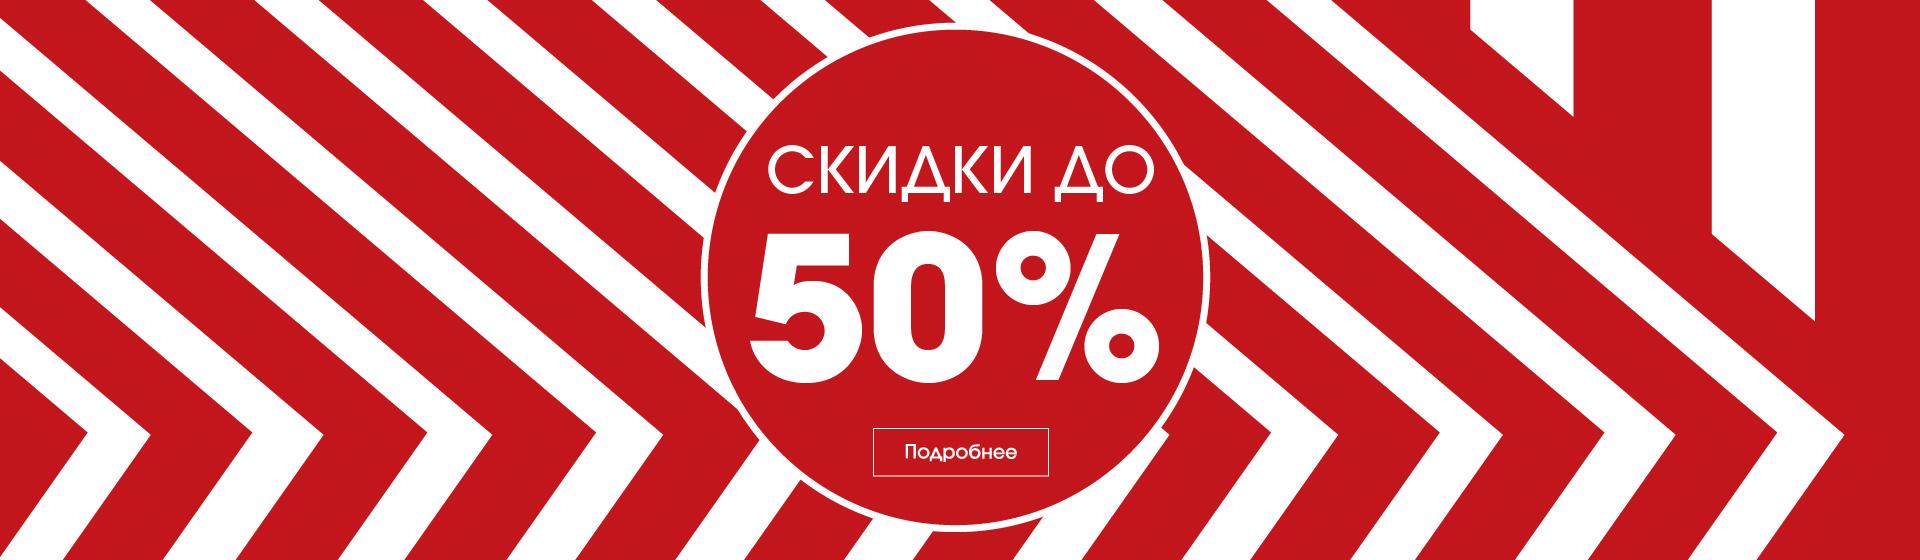 Скидка до 50%